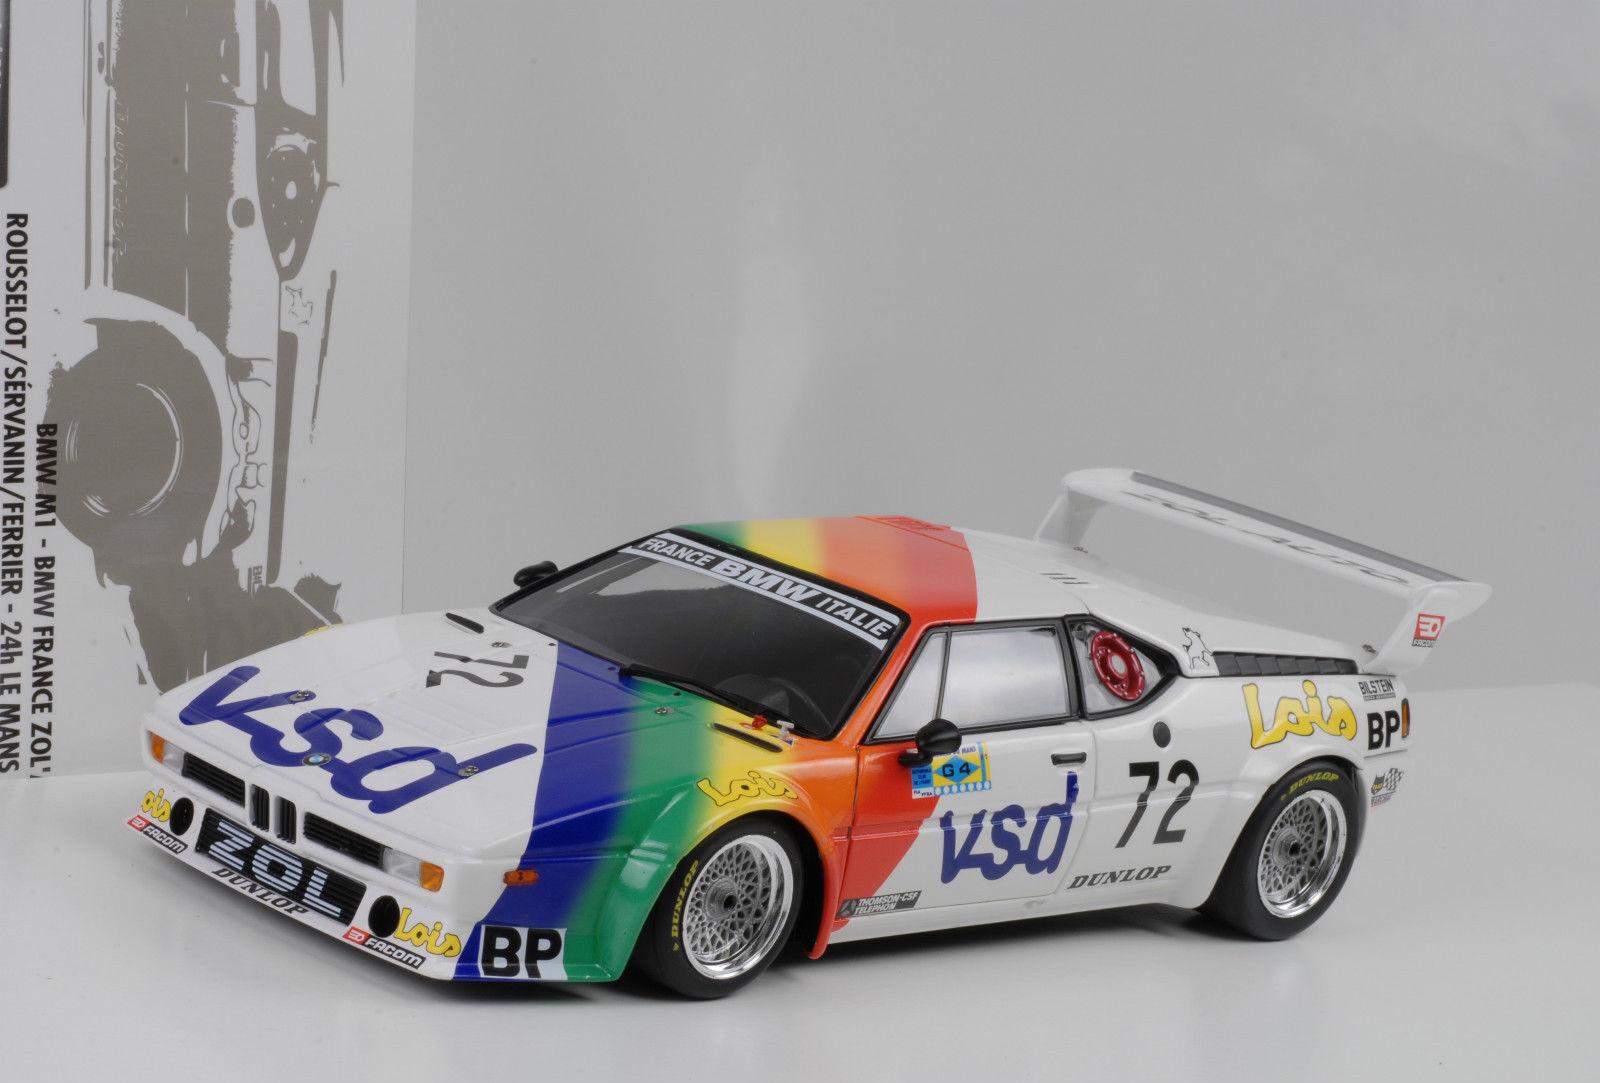 1981 BMW BMW BMW M1 France Zol`Auto 24H Le Mans Rousselot Servanin 1 18 Minichamps 963d2a